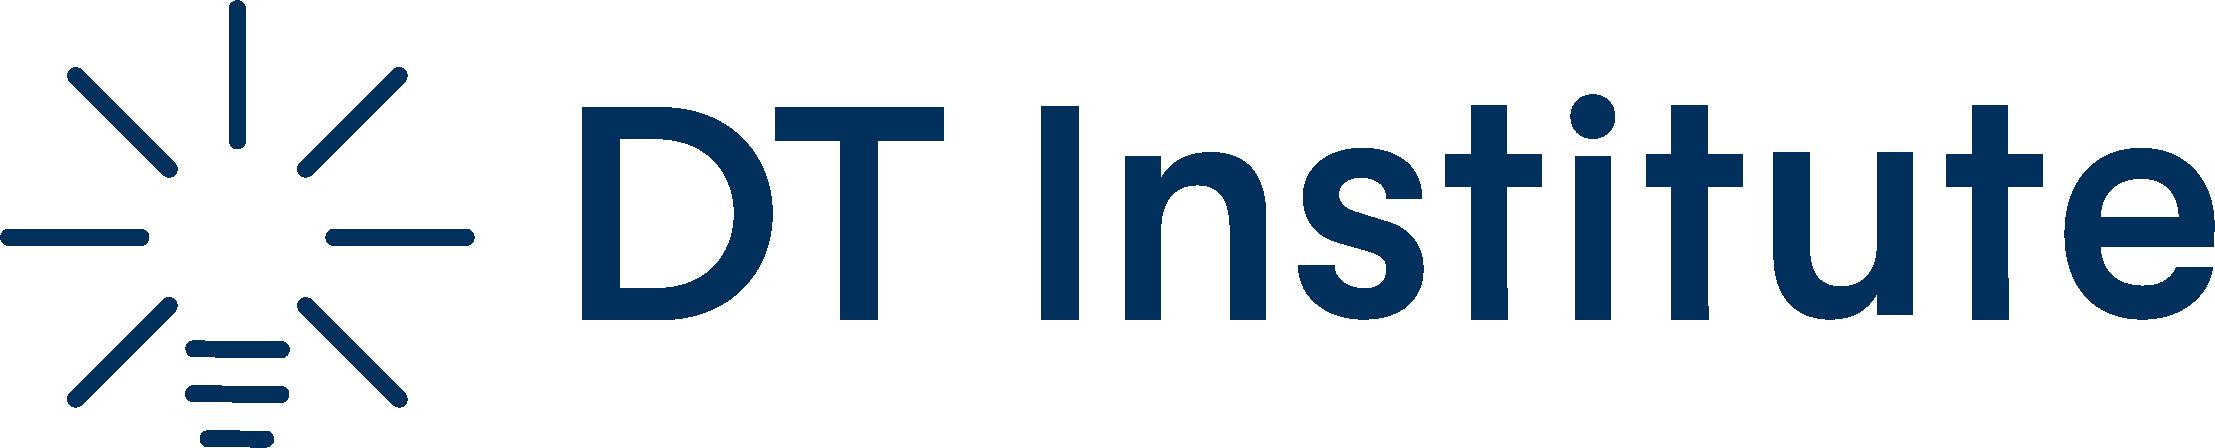 DT Intstitute